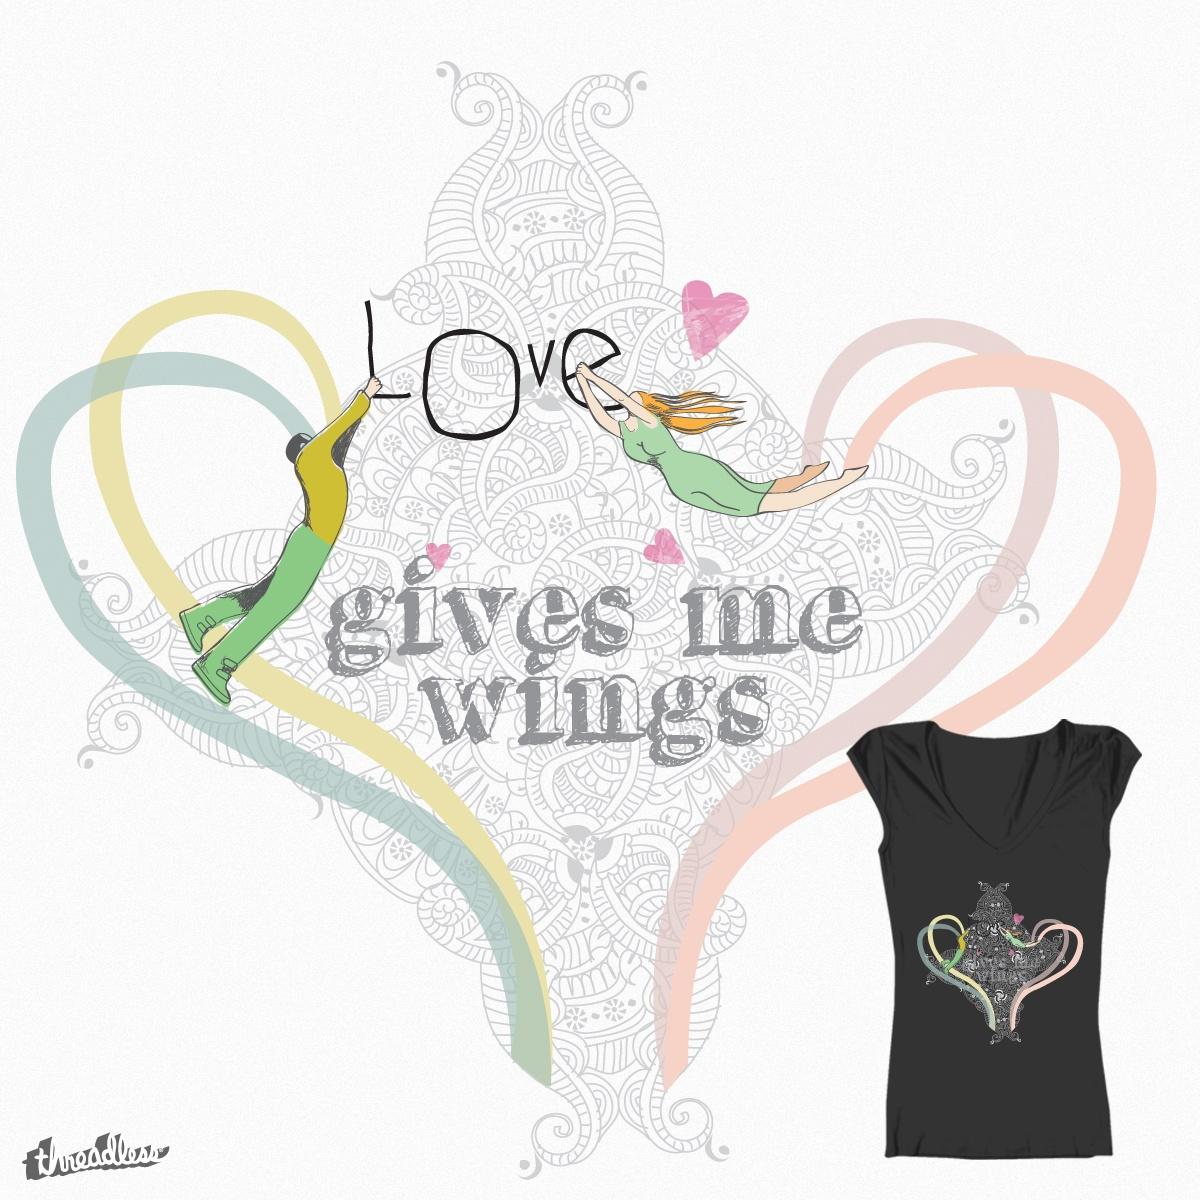 Lovers Fly by estela.gaspar.161 on Threadless